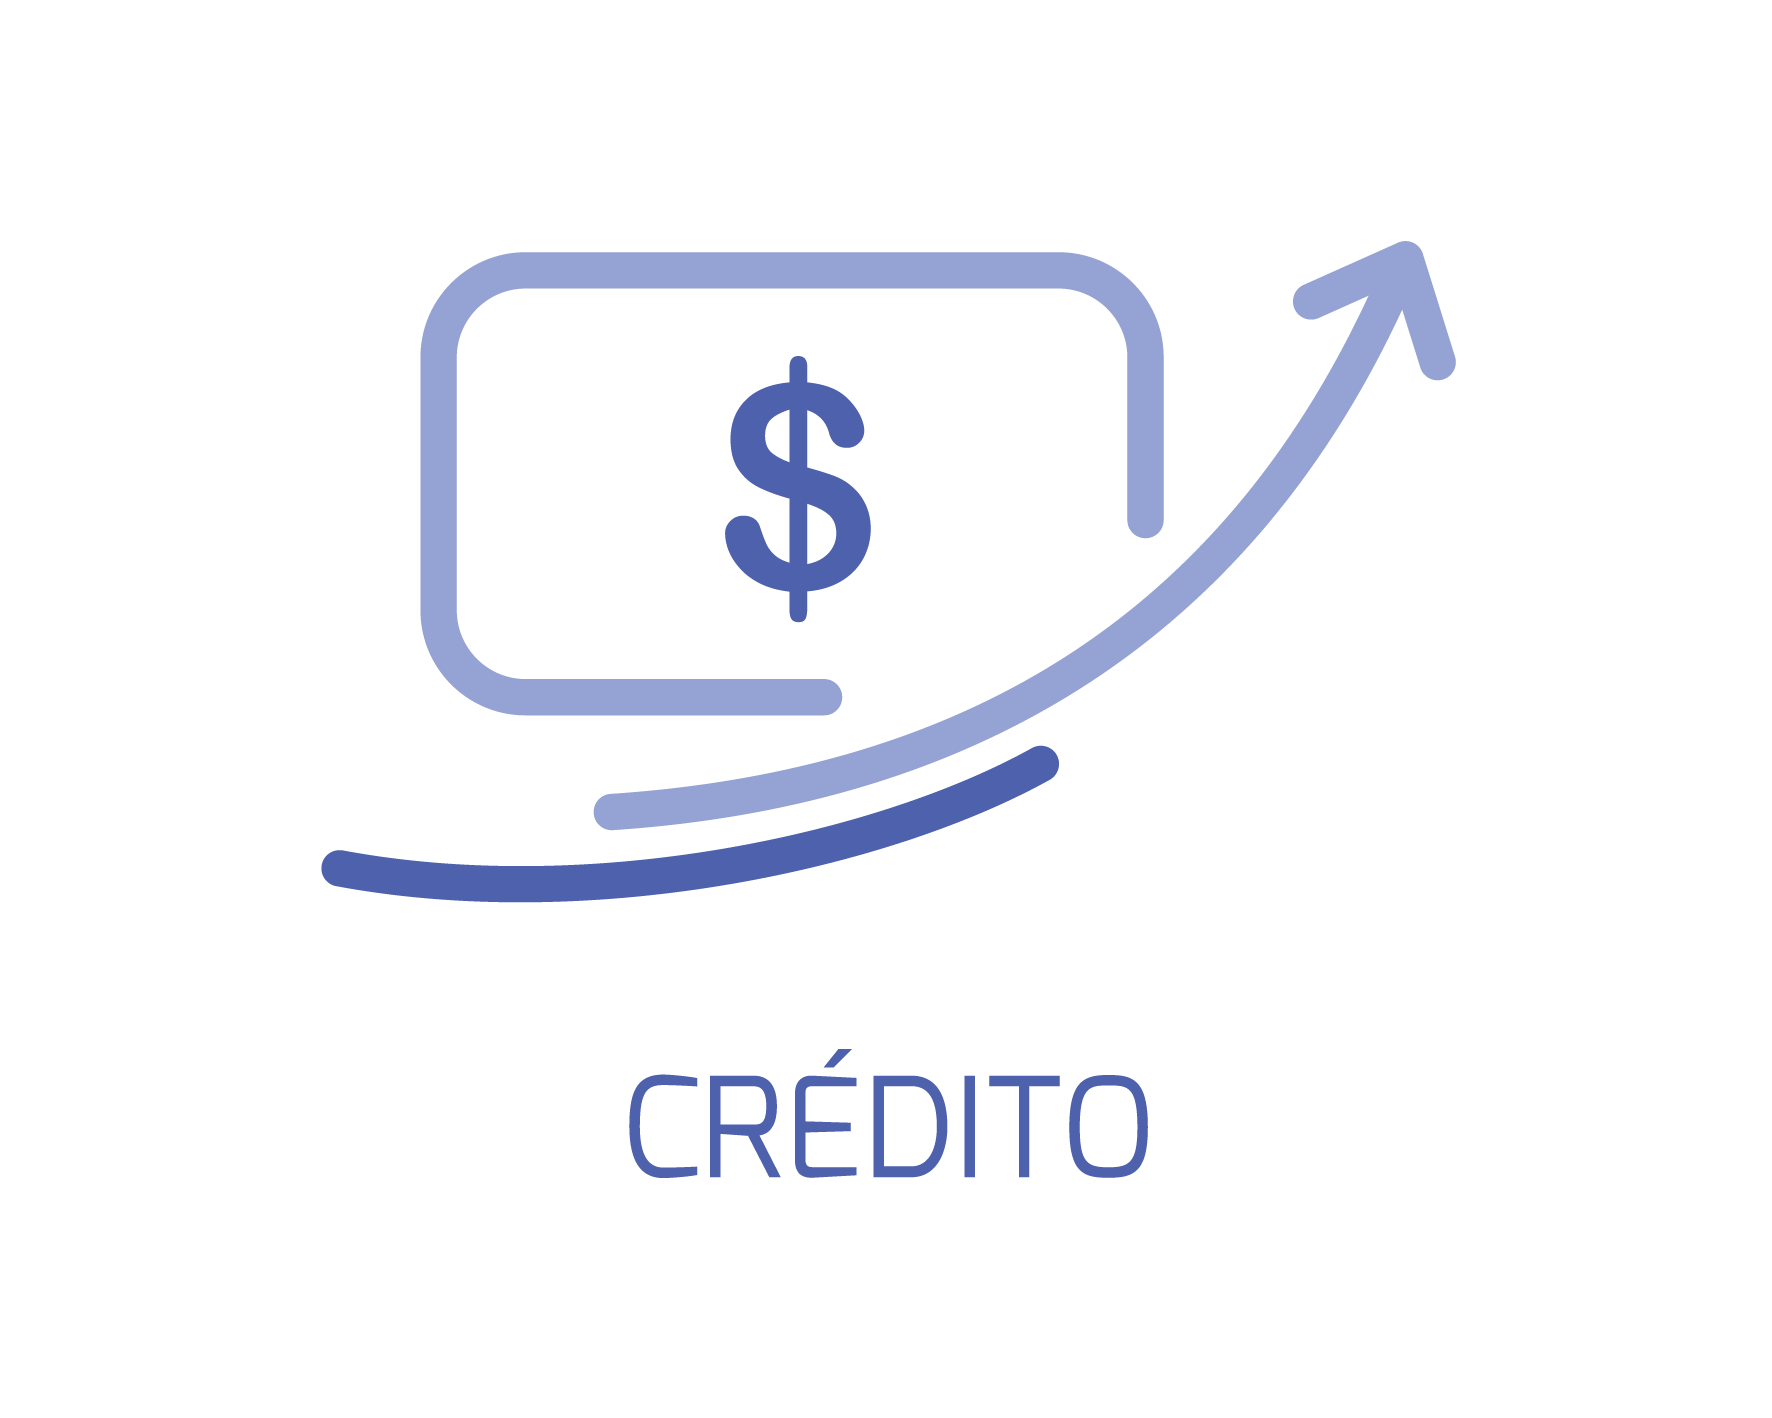 ramo credito 26 11 2019